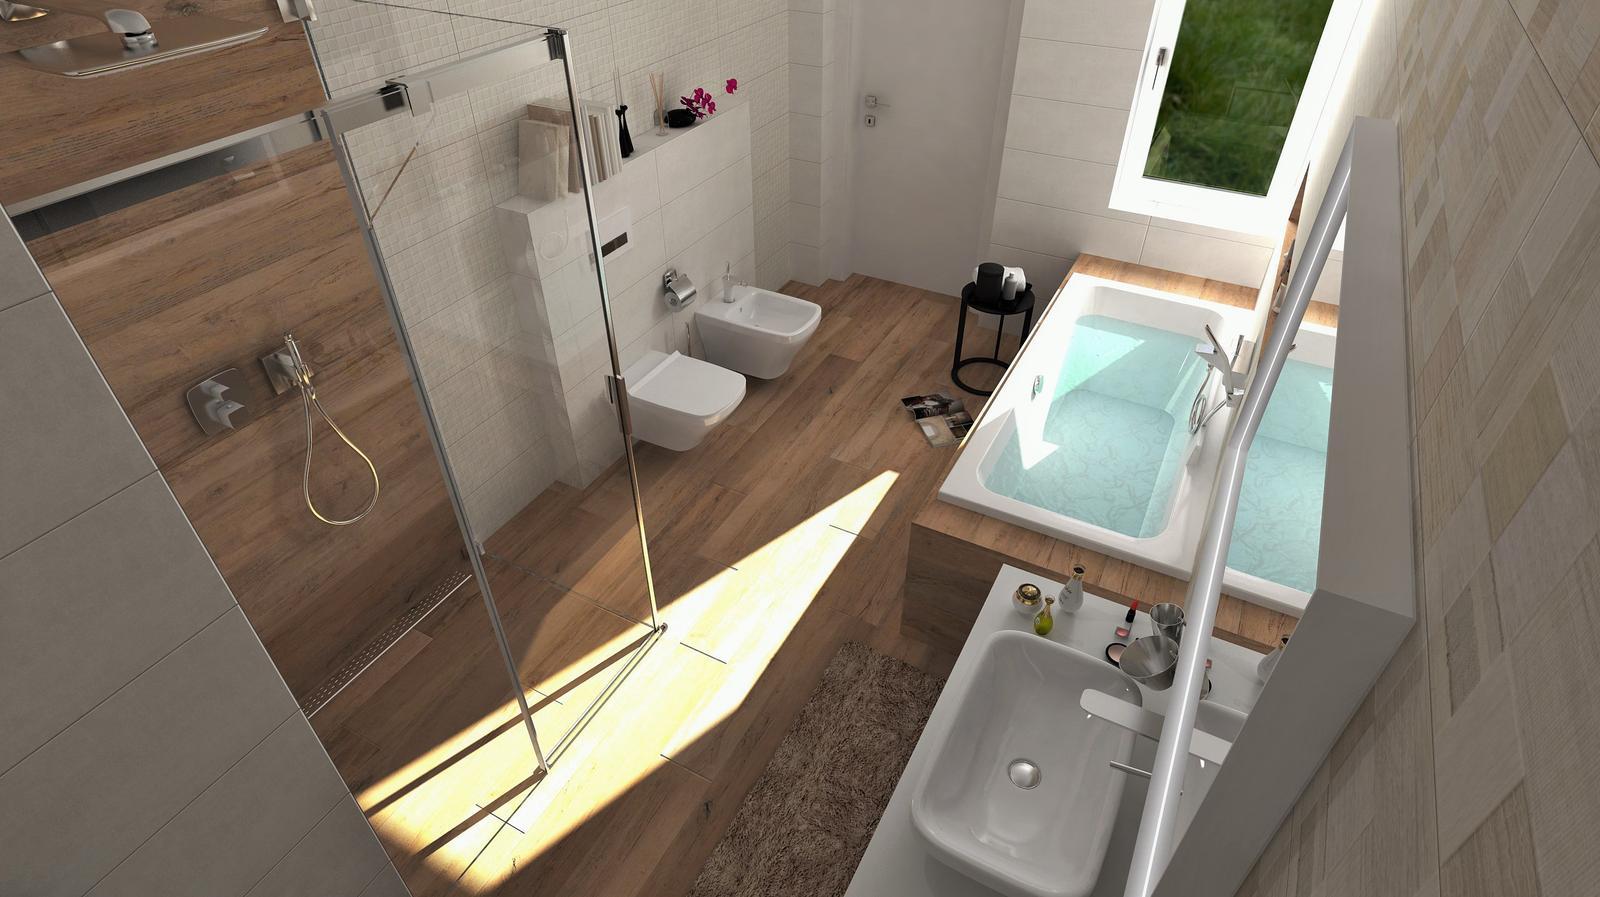 Vizualizácie kúpeľní - Vizualizácia kúpeľne - obklady v prírodných farbách - viac našich návrhov: www.modernekupelne.sk/navrhy-kupelni